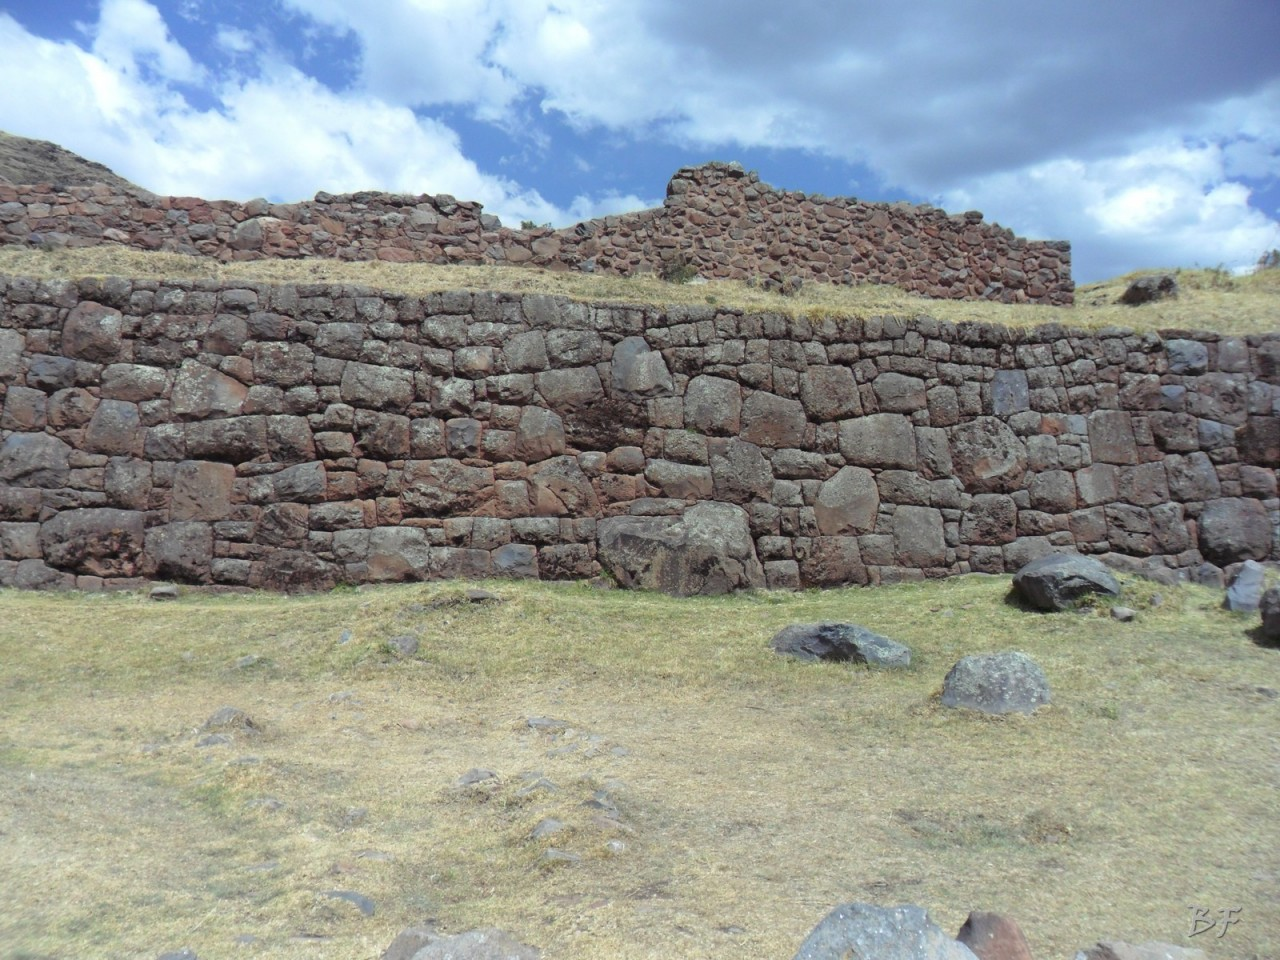 Mura-Poligonali-Megaliti-Tipon-Oropesa-Cusco-Perù-31